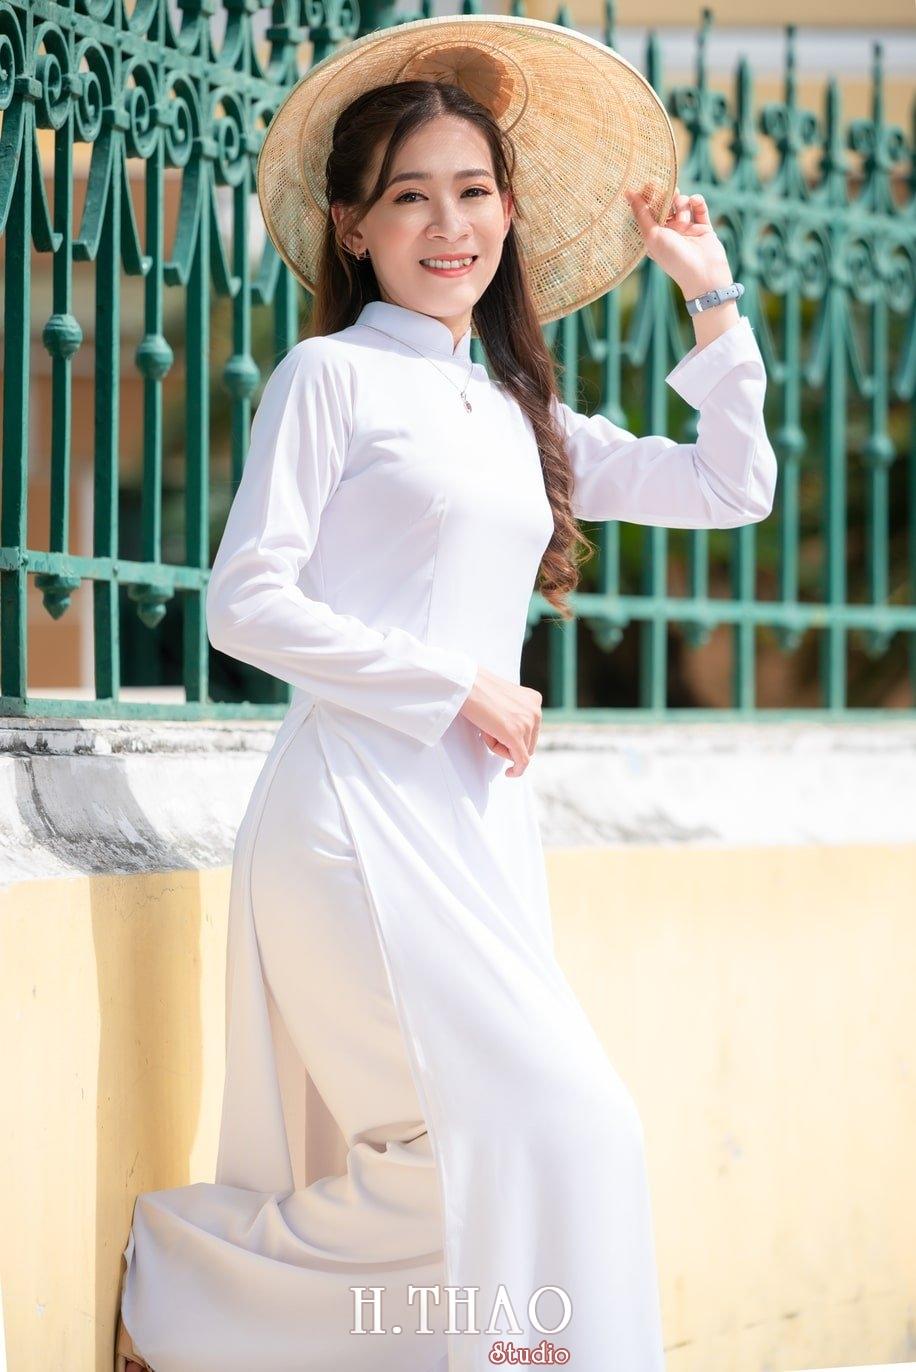 Ao dai nha tho duc ba 12 - Tổng hợp album ảnh áo dài chụp tại nhà thờ Đức Bà - HThao Studio